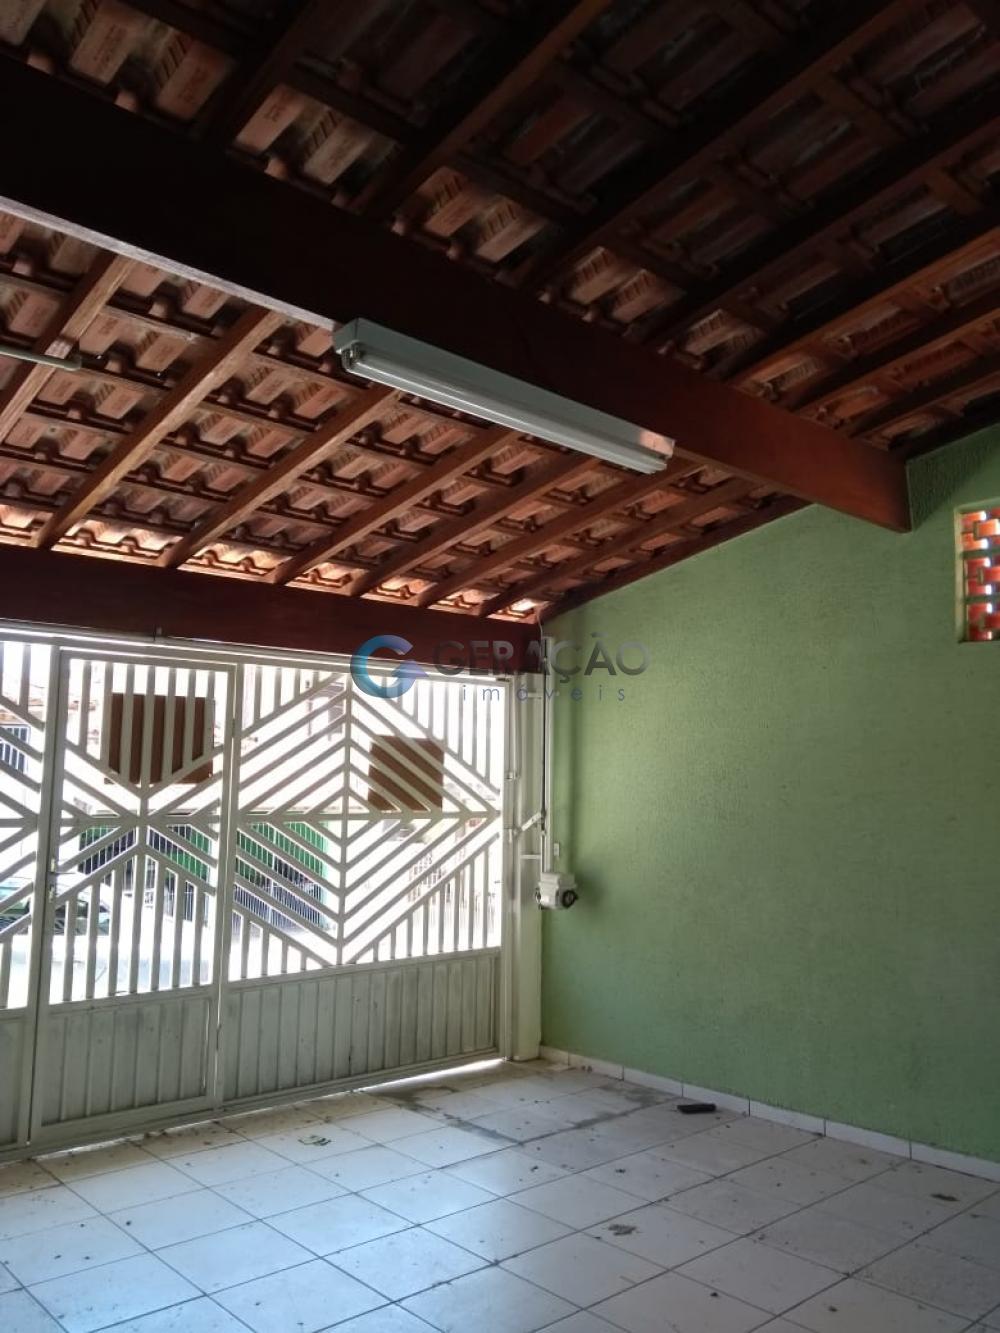 Comprar Casa / Padrão em São José dos Campos apenas R$ 215.000,00 - Foto 3